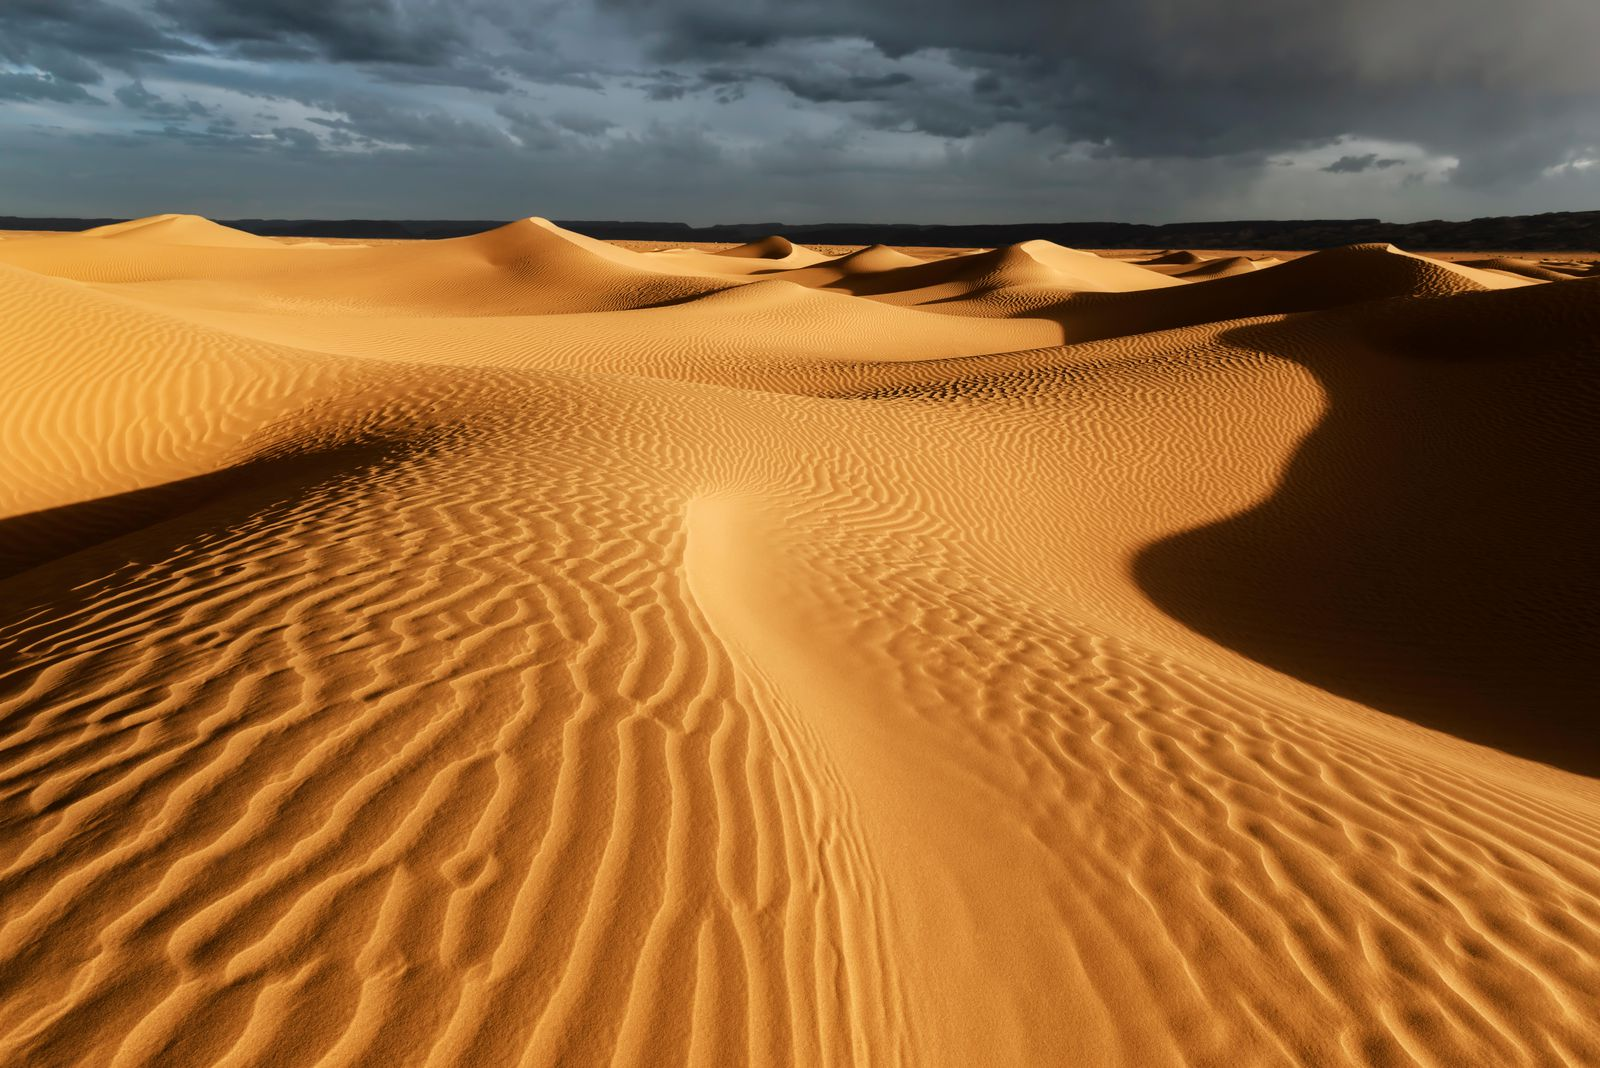 Ý nghĩa giấc mơ thấy cát là báo hiệu điều gì? Đánh đề số gì?